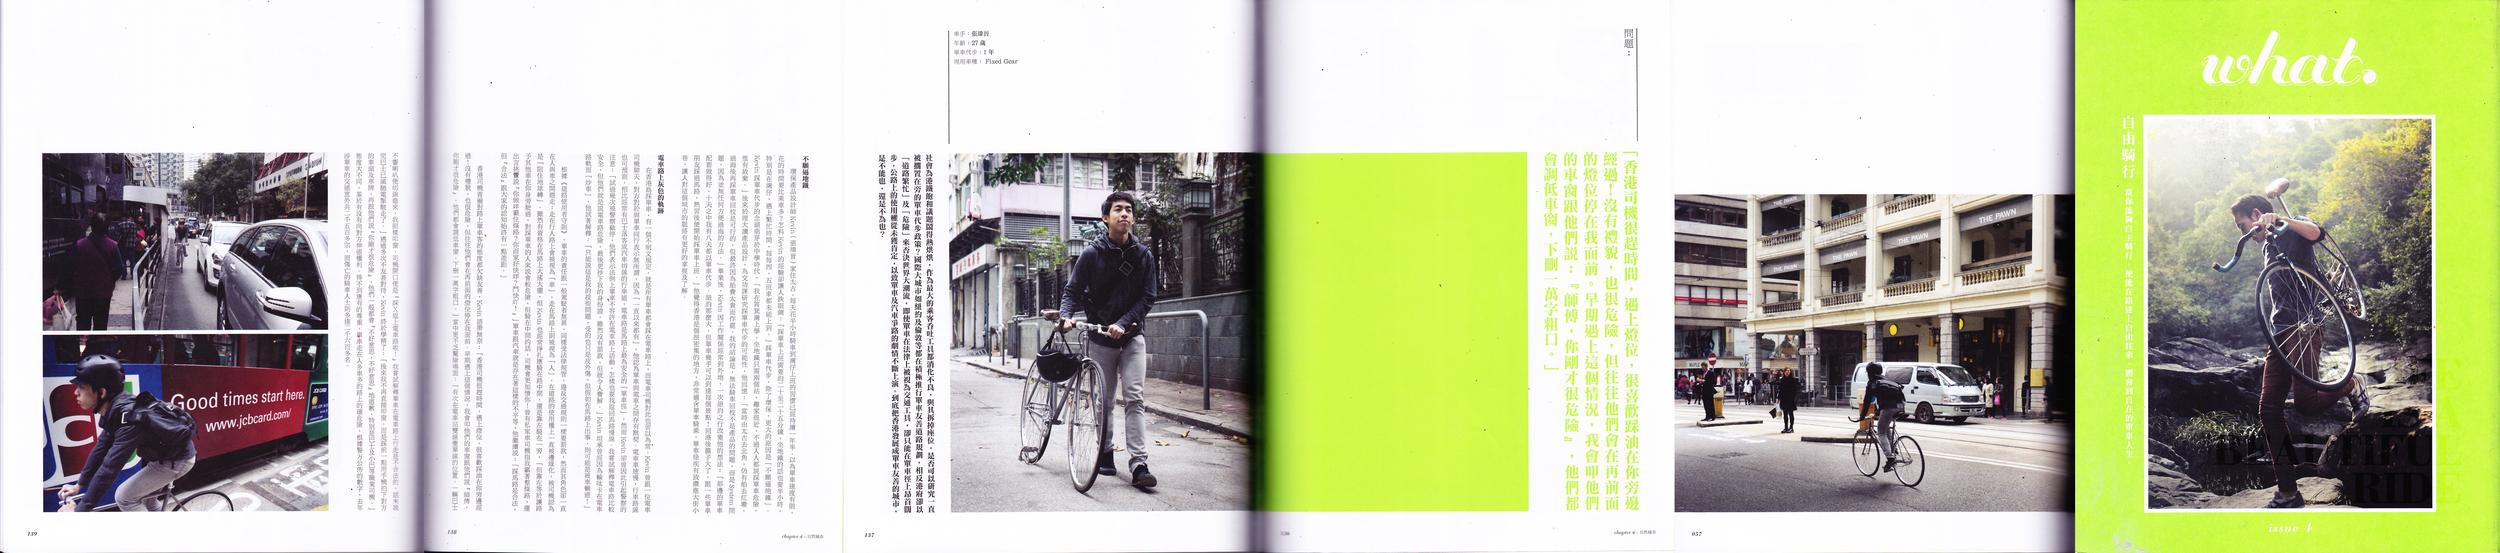 140501 what. 生活文化誌.jpg